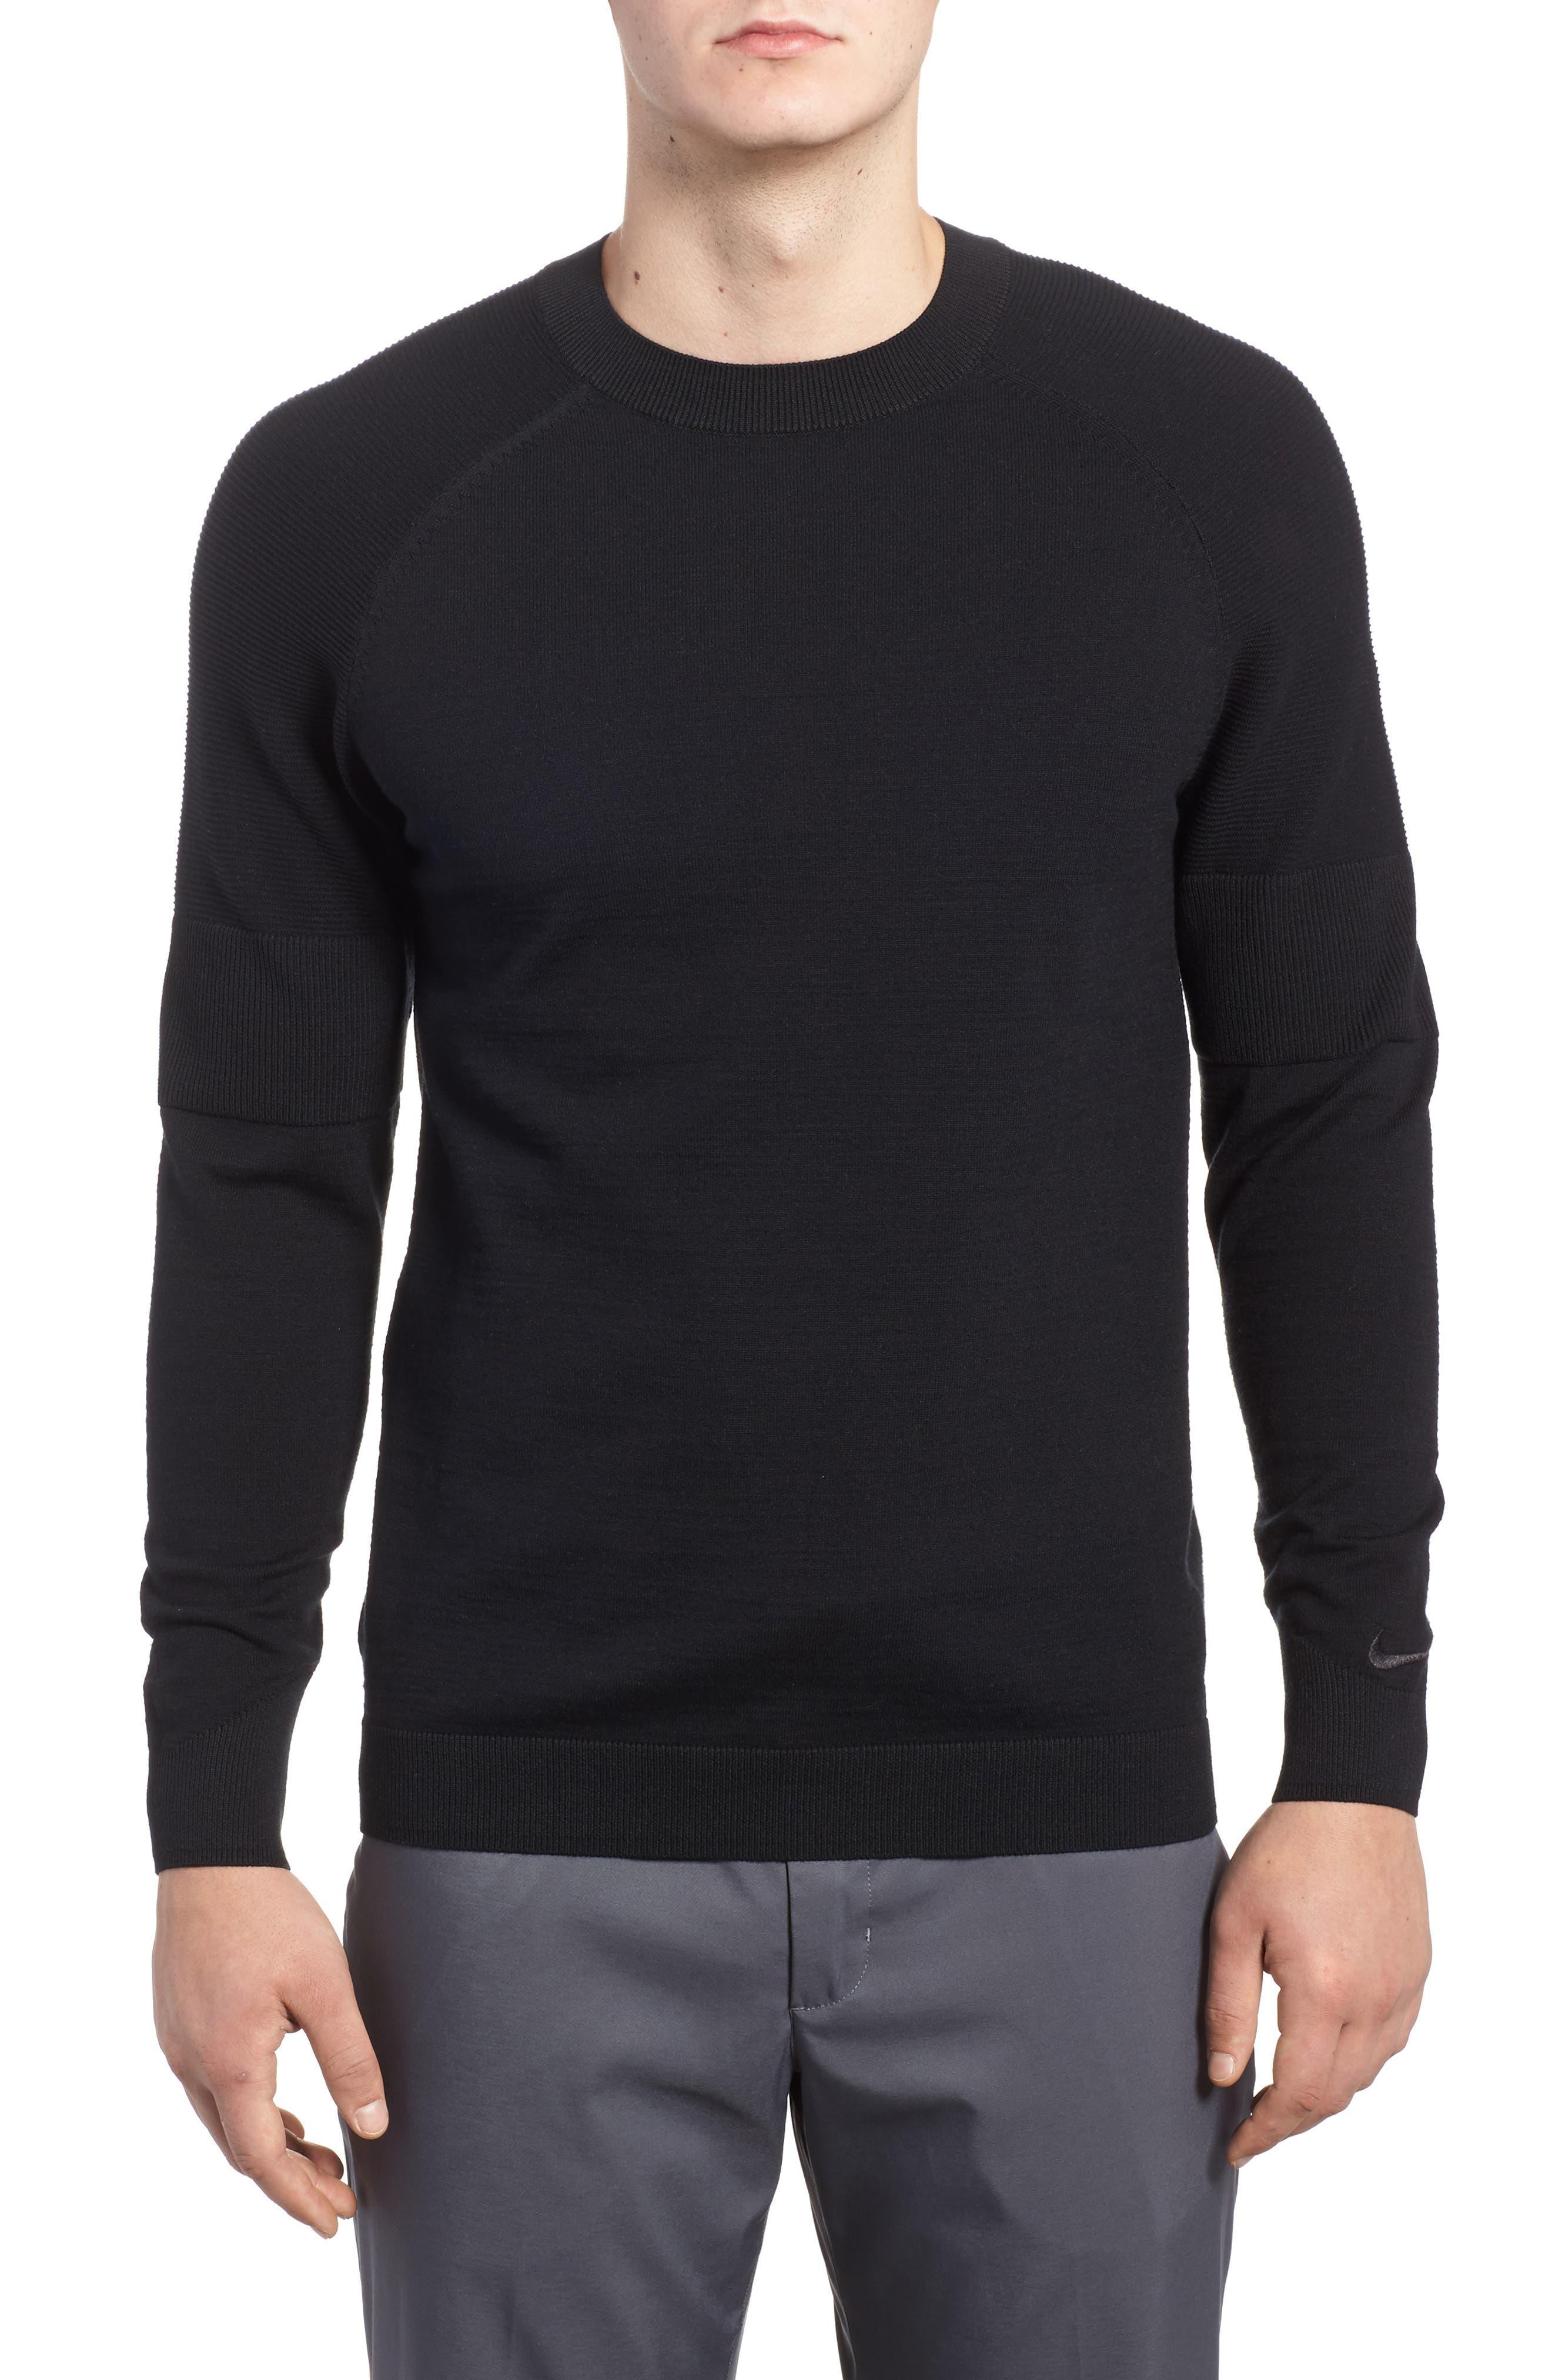 TW Cotton Blend Sweatshirt,                             Main thumbnail 1, color,                             Black/ Black